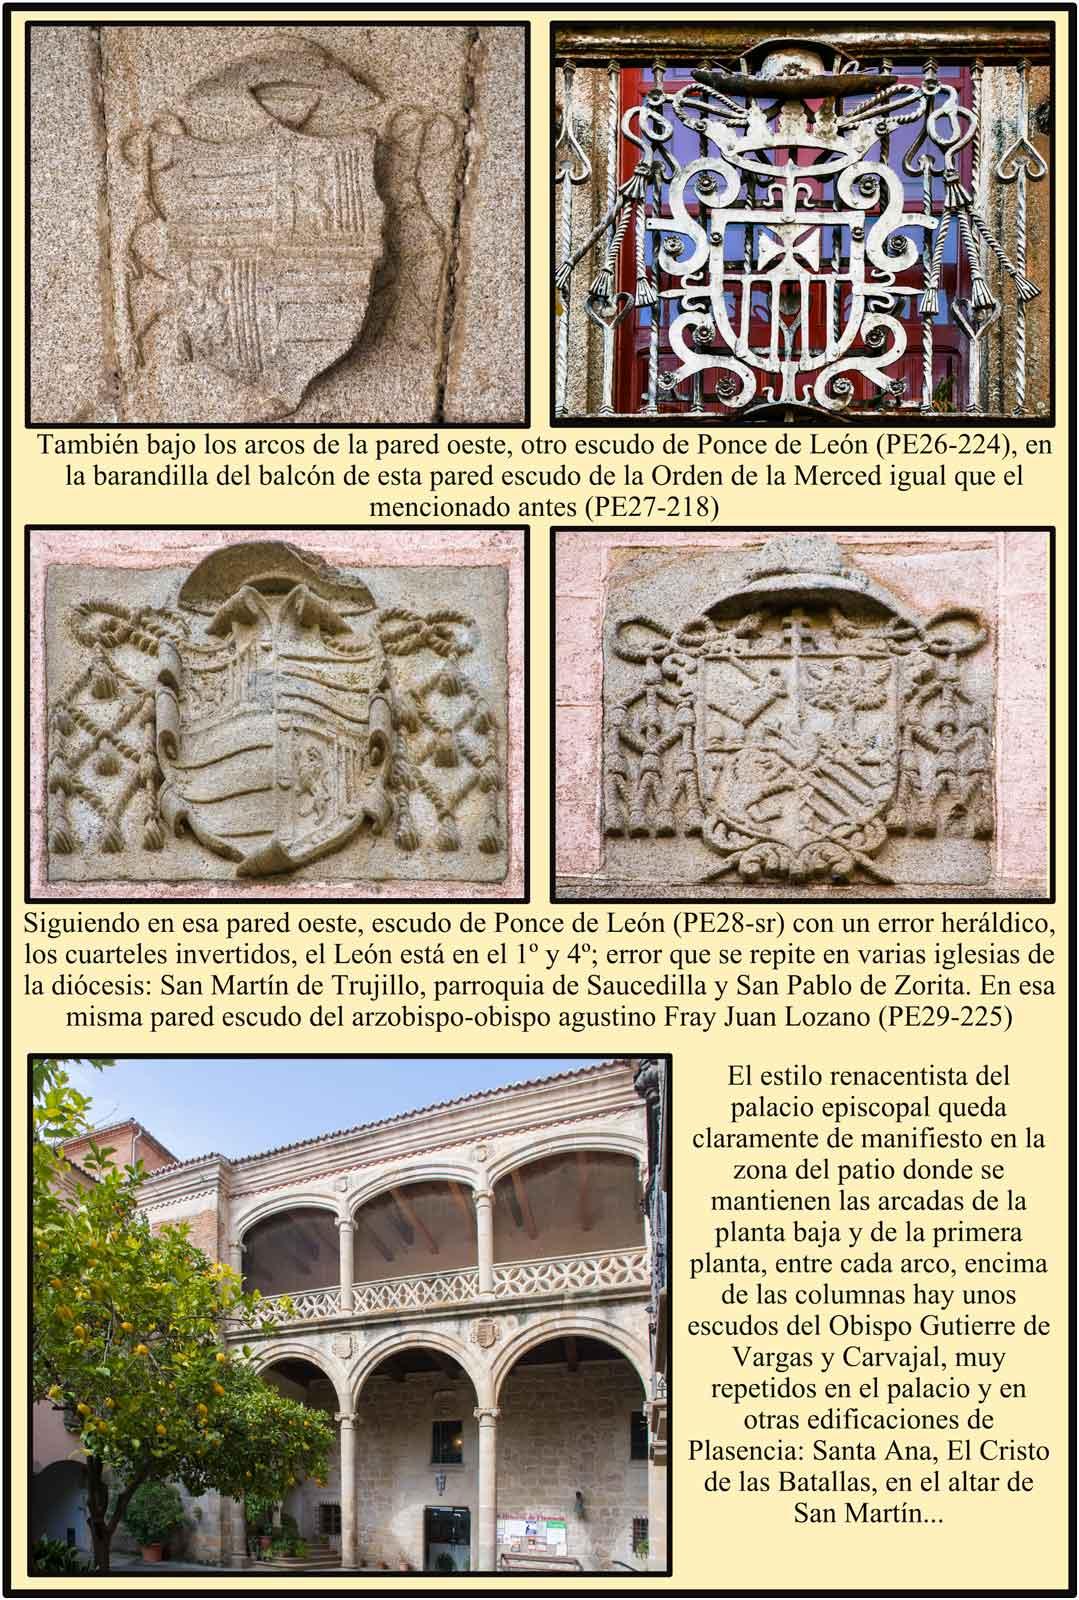 Escudo Ponce de Leon con error heraldico en el patio del Palacio Episcopal